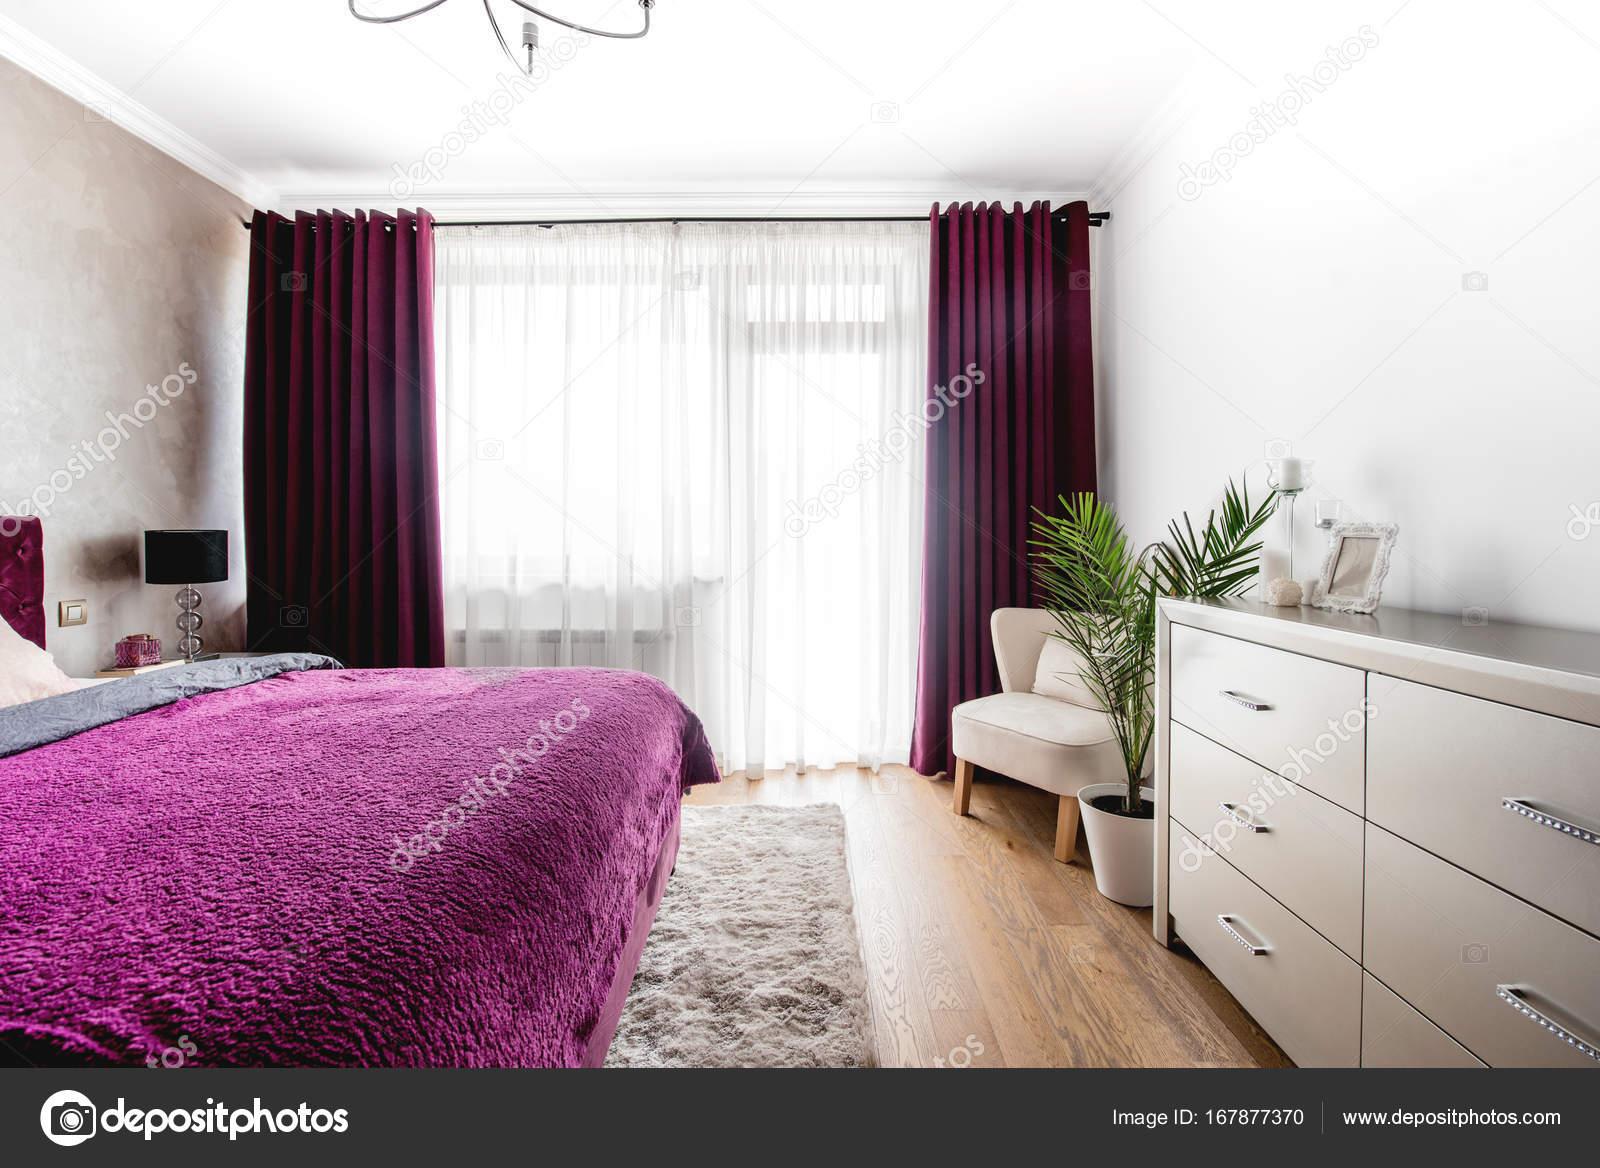 Breed zicht op moderne slaapkamer interieur. modern eigentijds